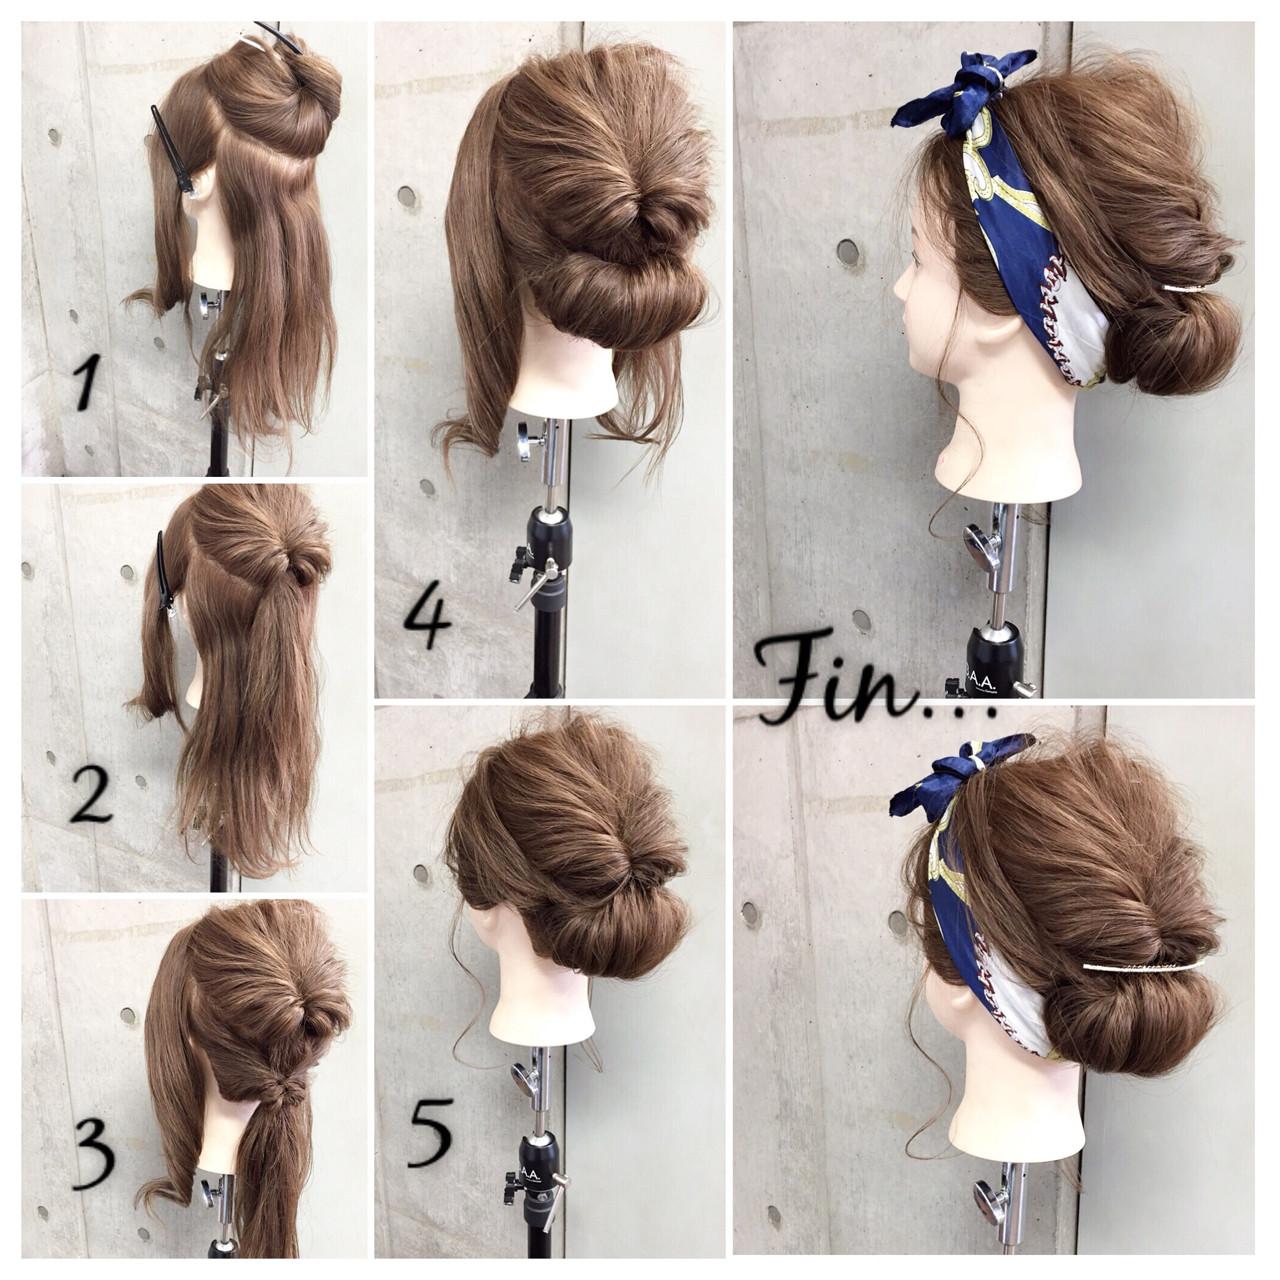 大人女子 セミロング ヘアアクセ 簡単ヘアアレンジ ヘアスタイルや髪型の写真・画像